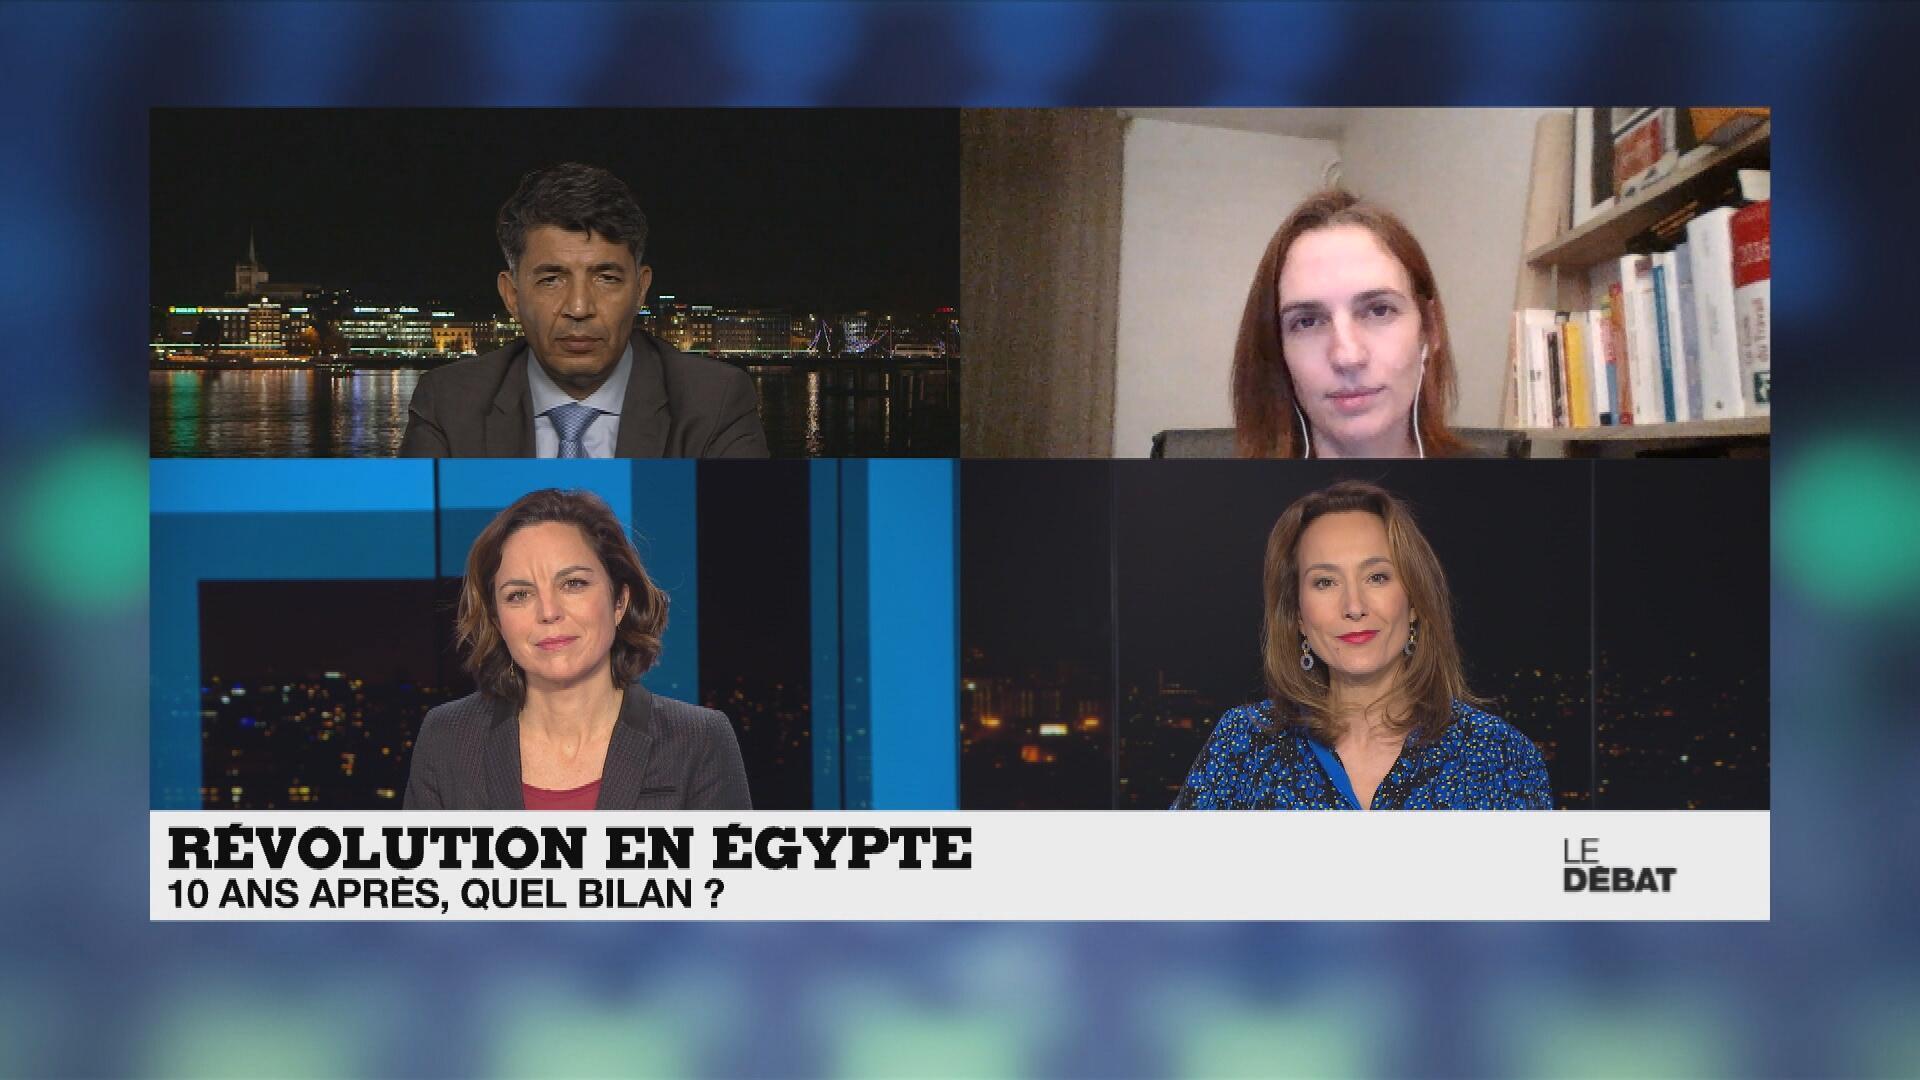 Le débat : révolution égyptienne, 10 après ?